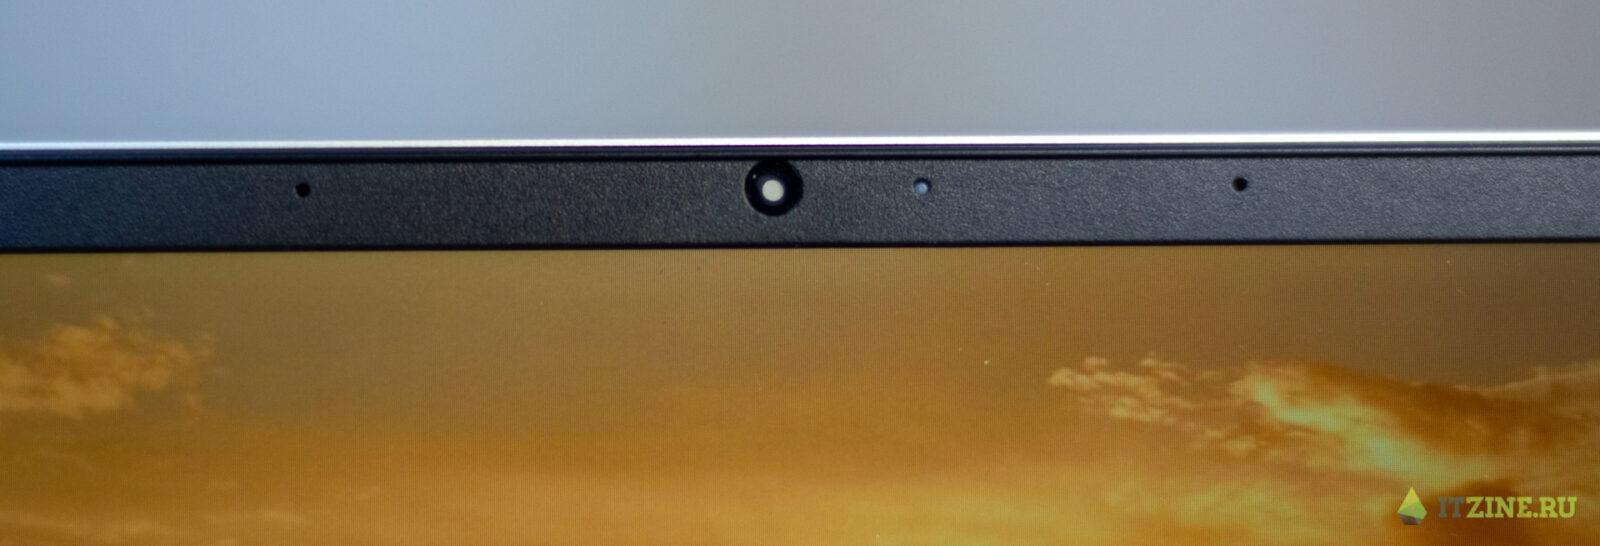 Обзор ноутбука HP Envy 15: мощь для создателей графического контента (hp envy 11)